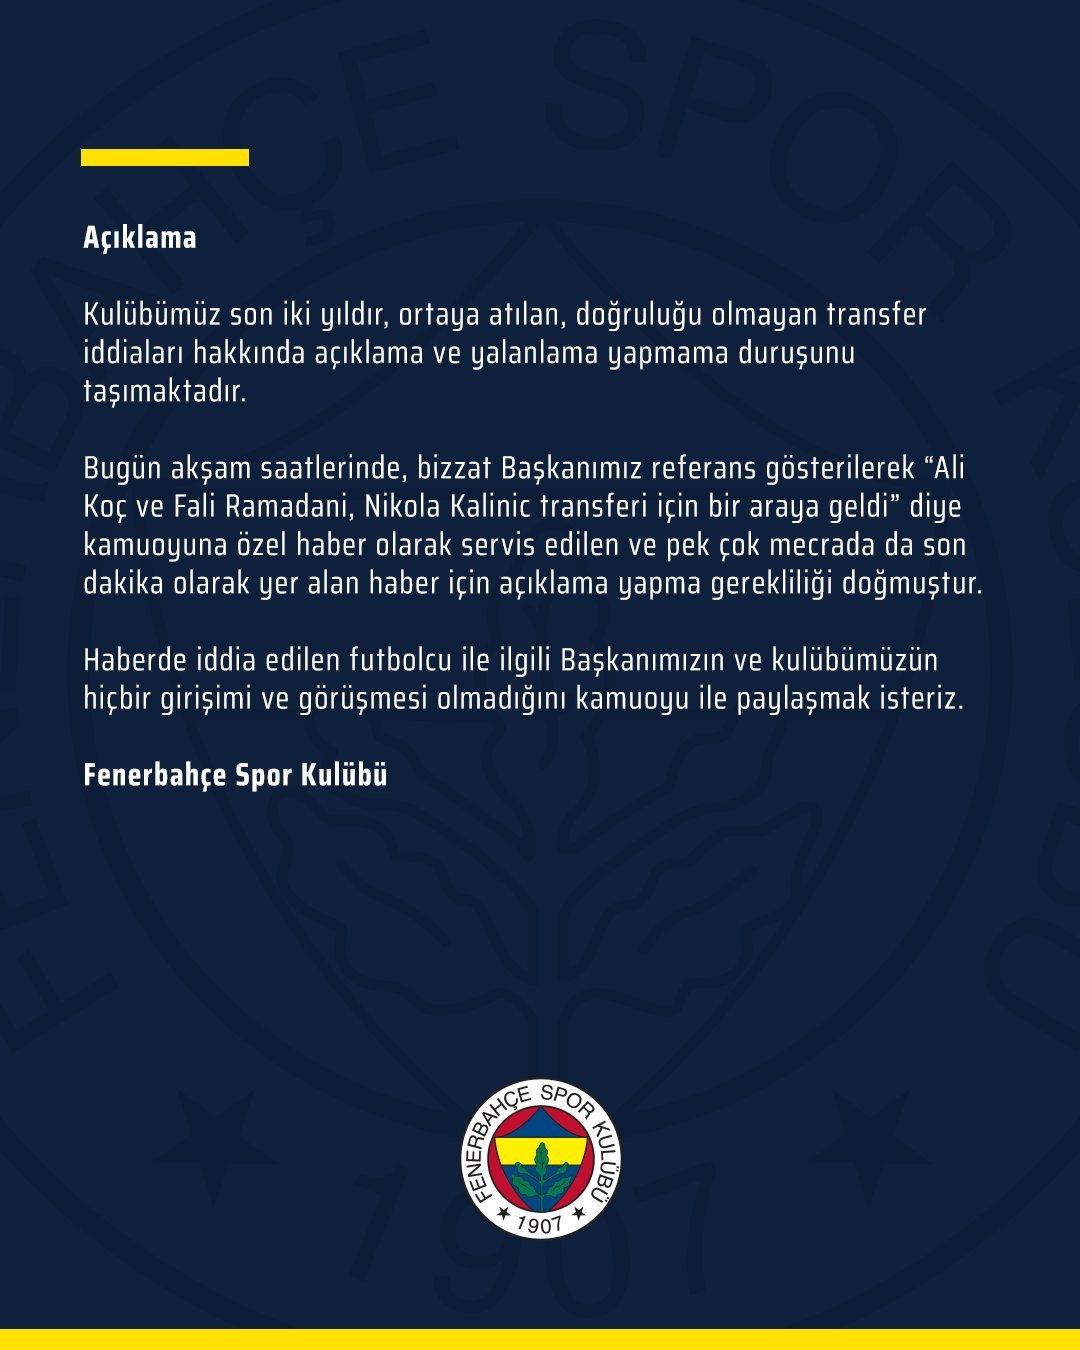 <h2>FENERBAHÇE'DEN KALİNİC AÇIKLAMASI</h2>